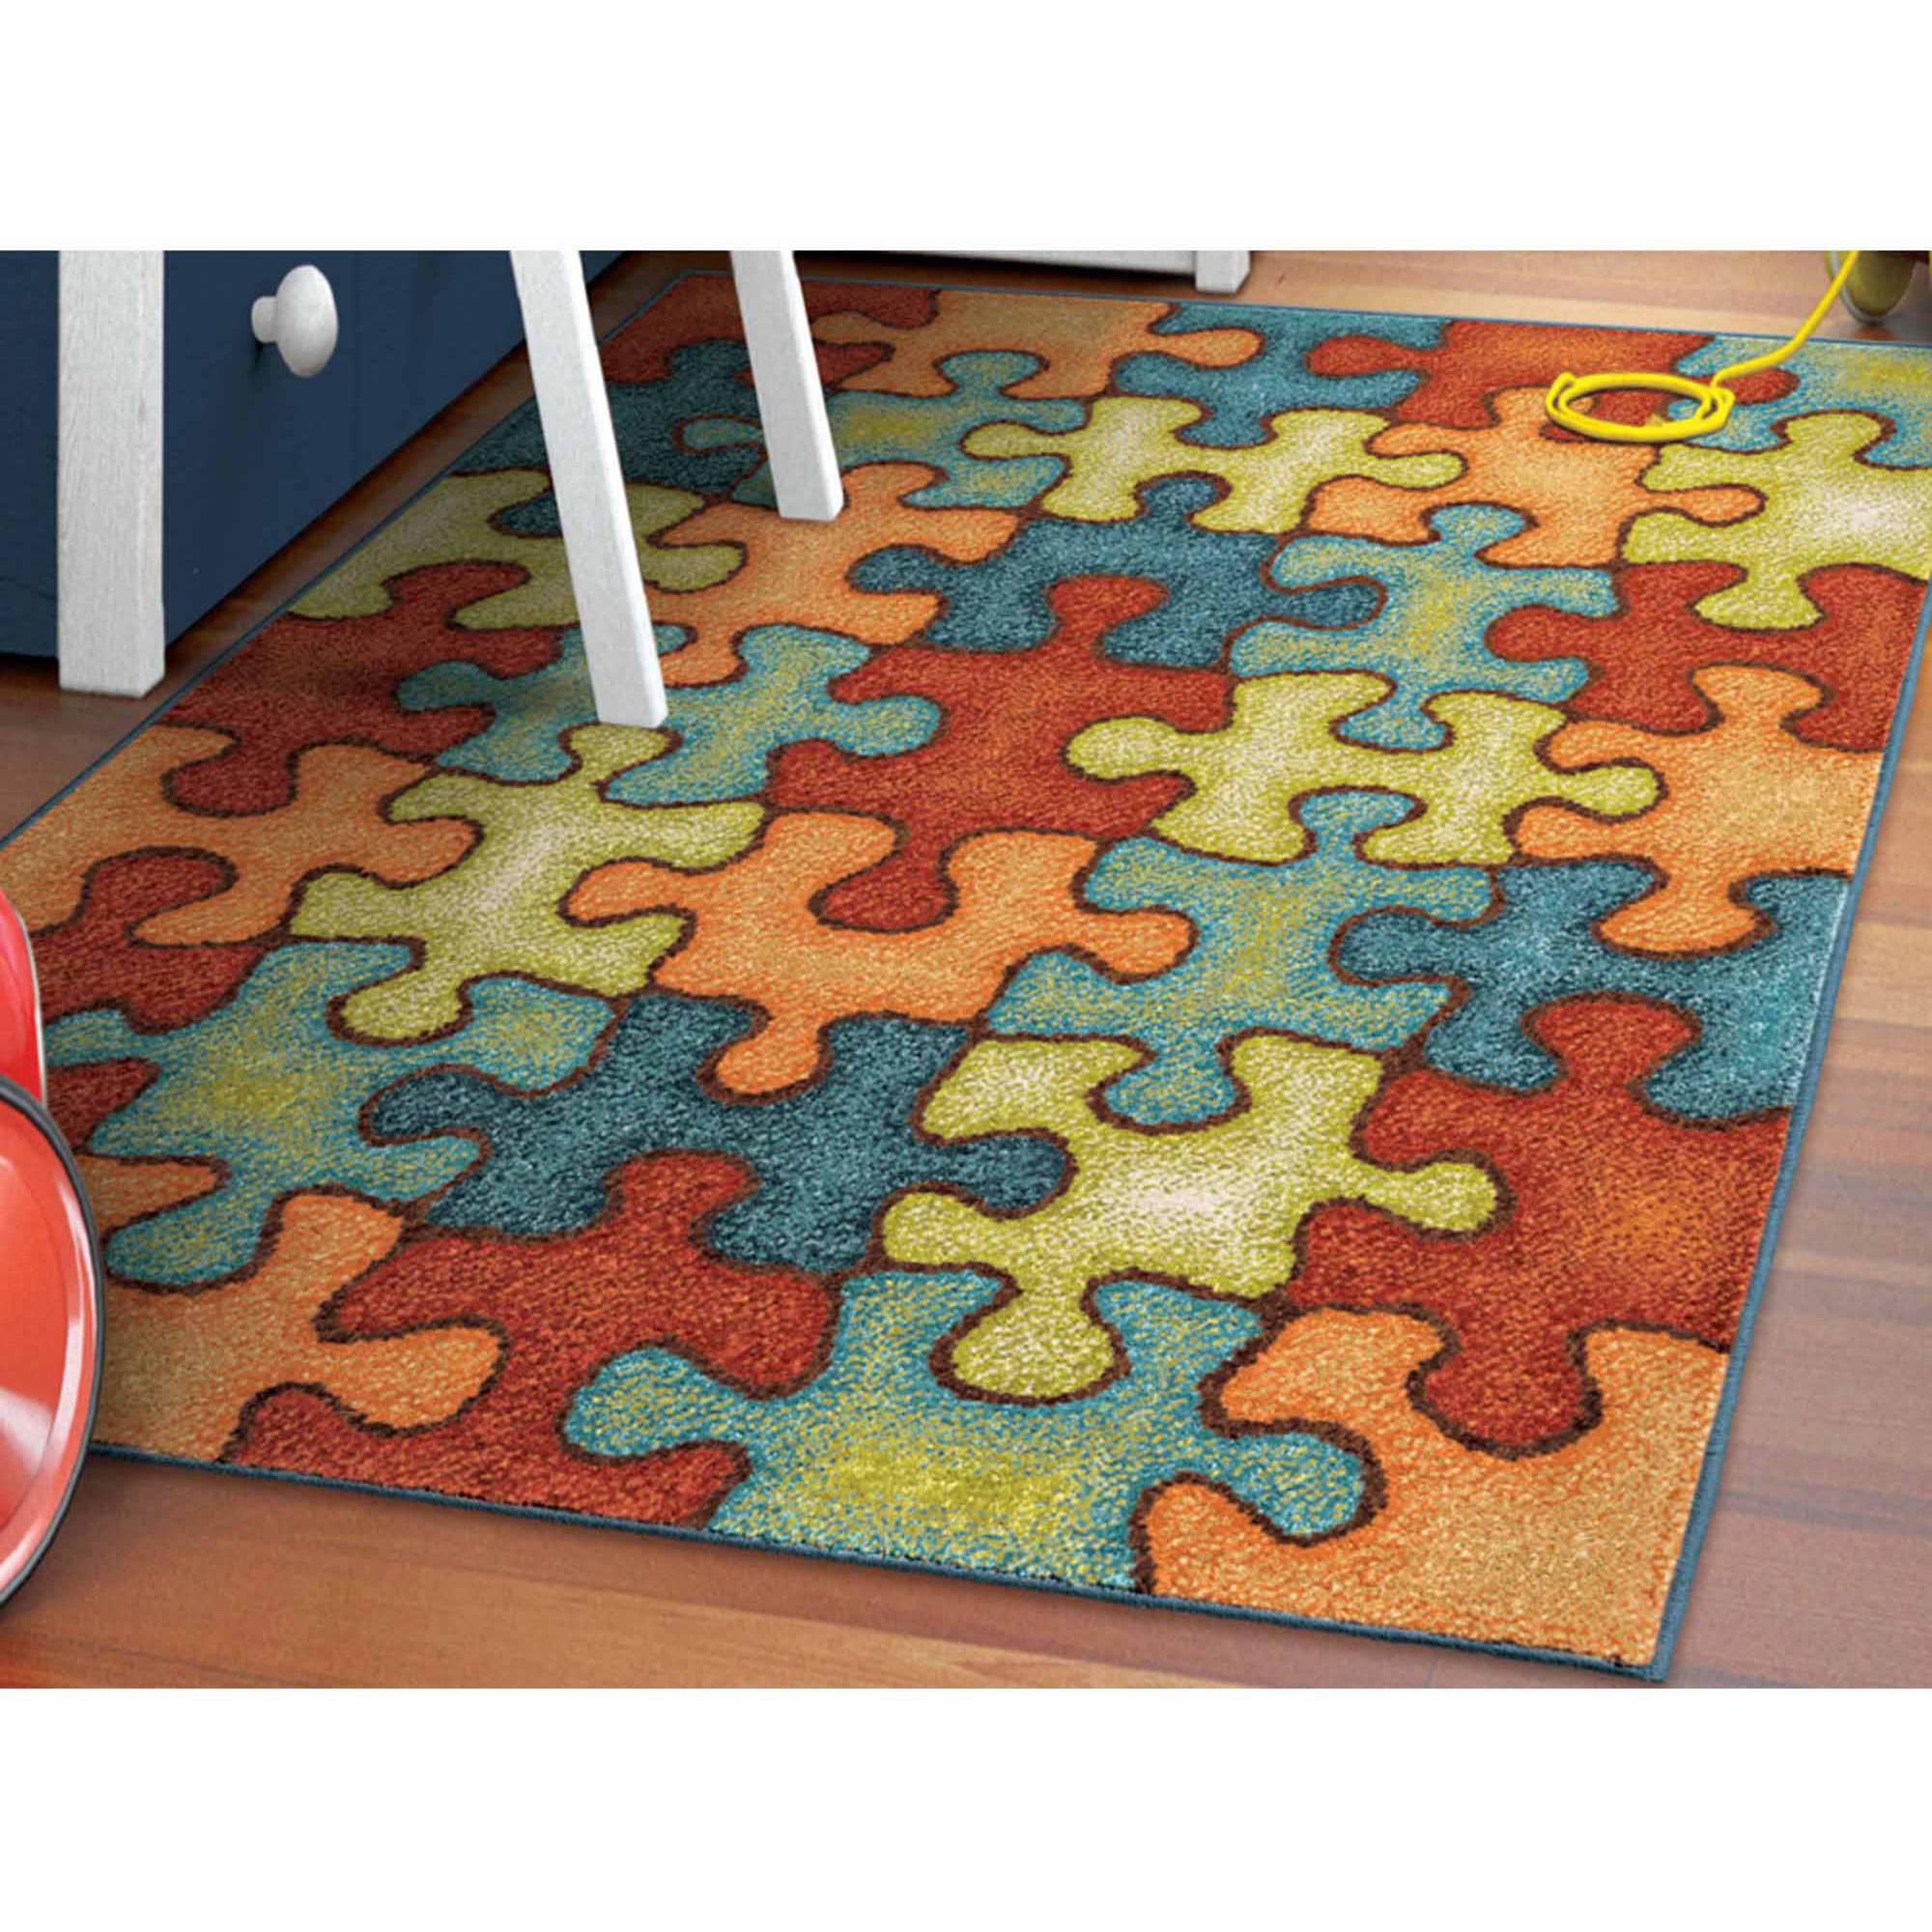 Orian Rugs Perplexed Puzzle Multi-Color Area Rug